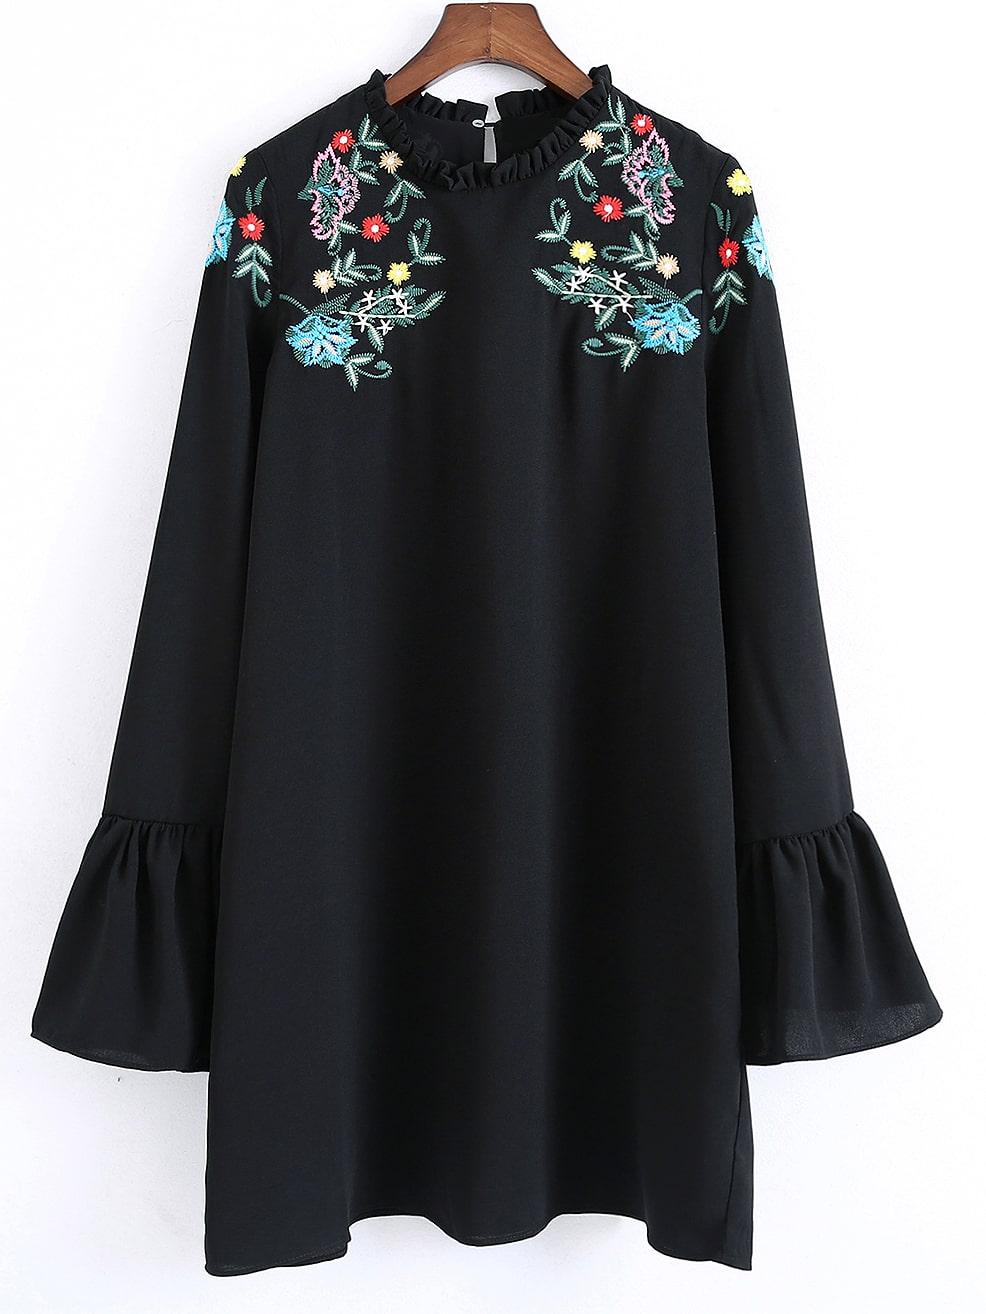 dress161210201_2